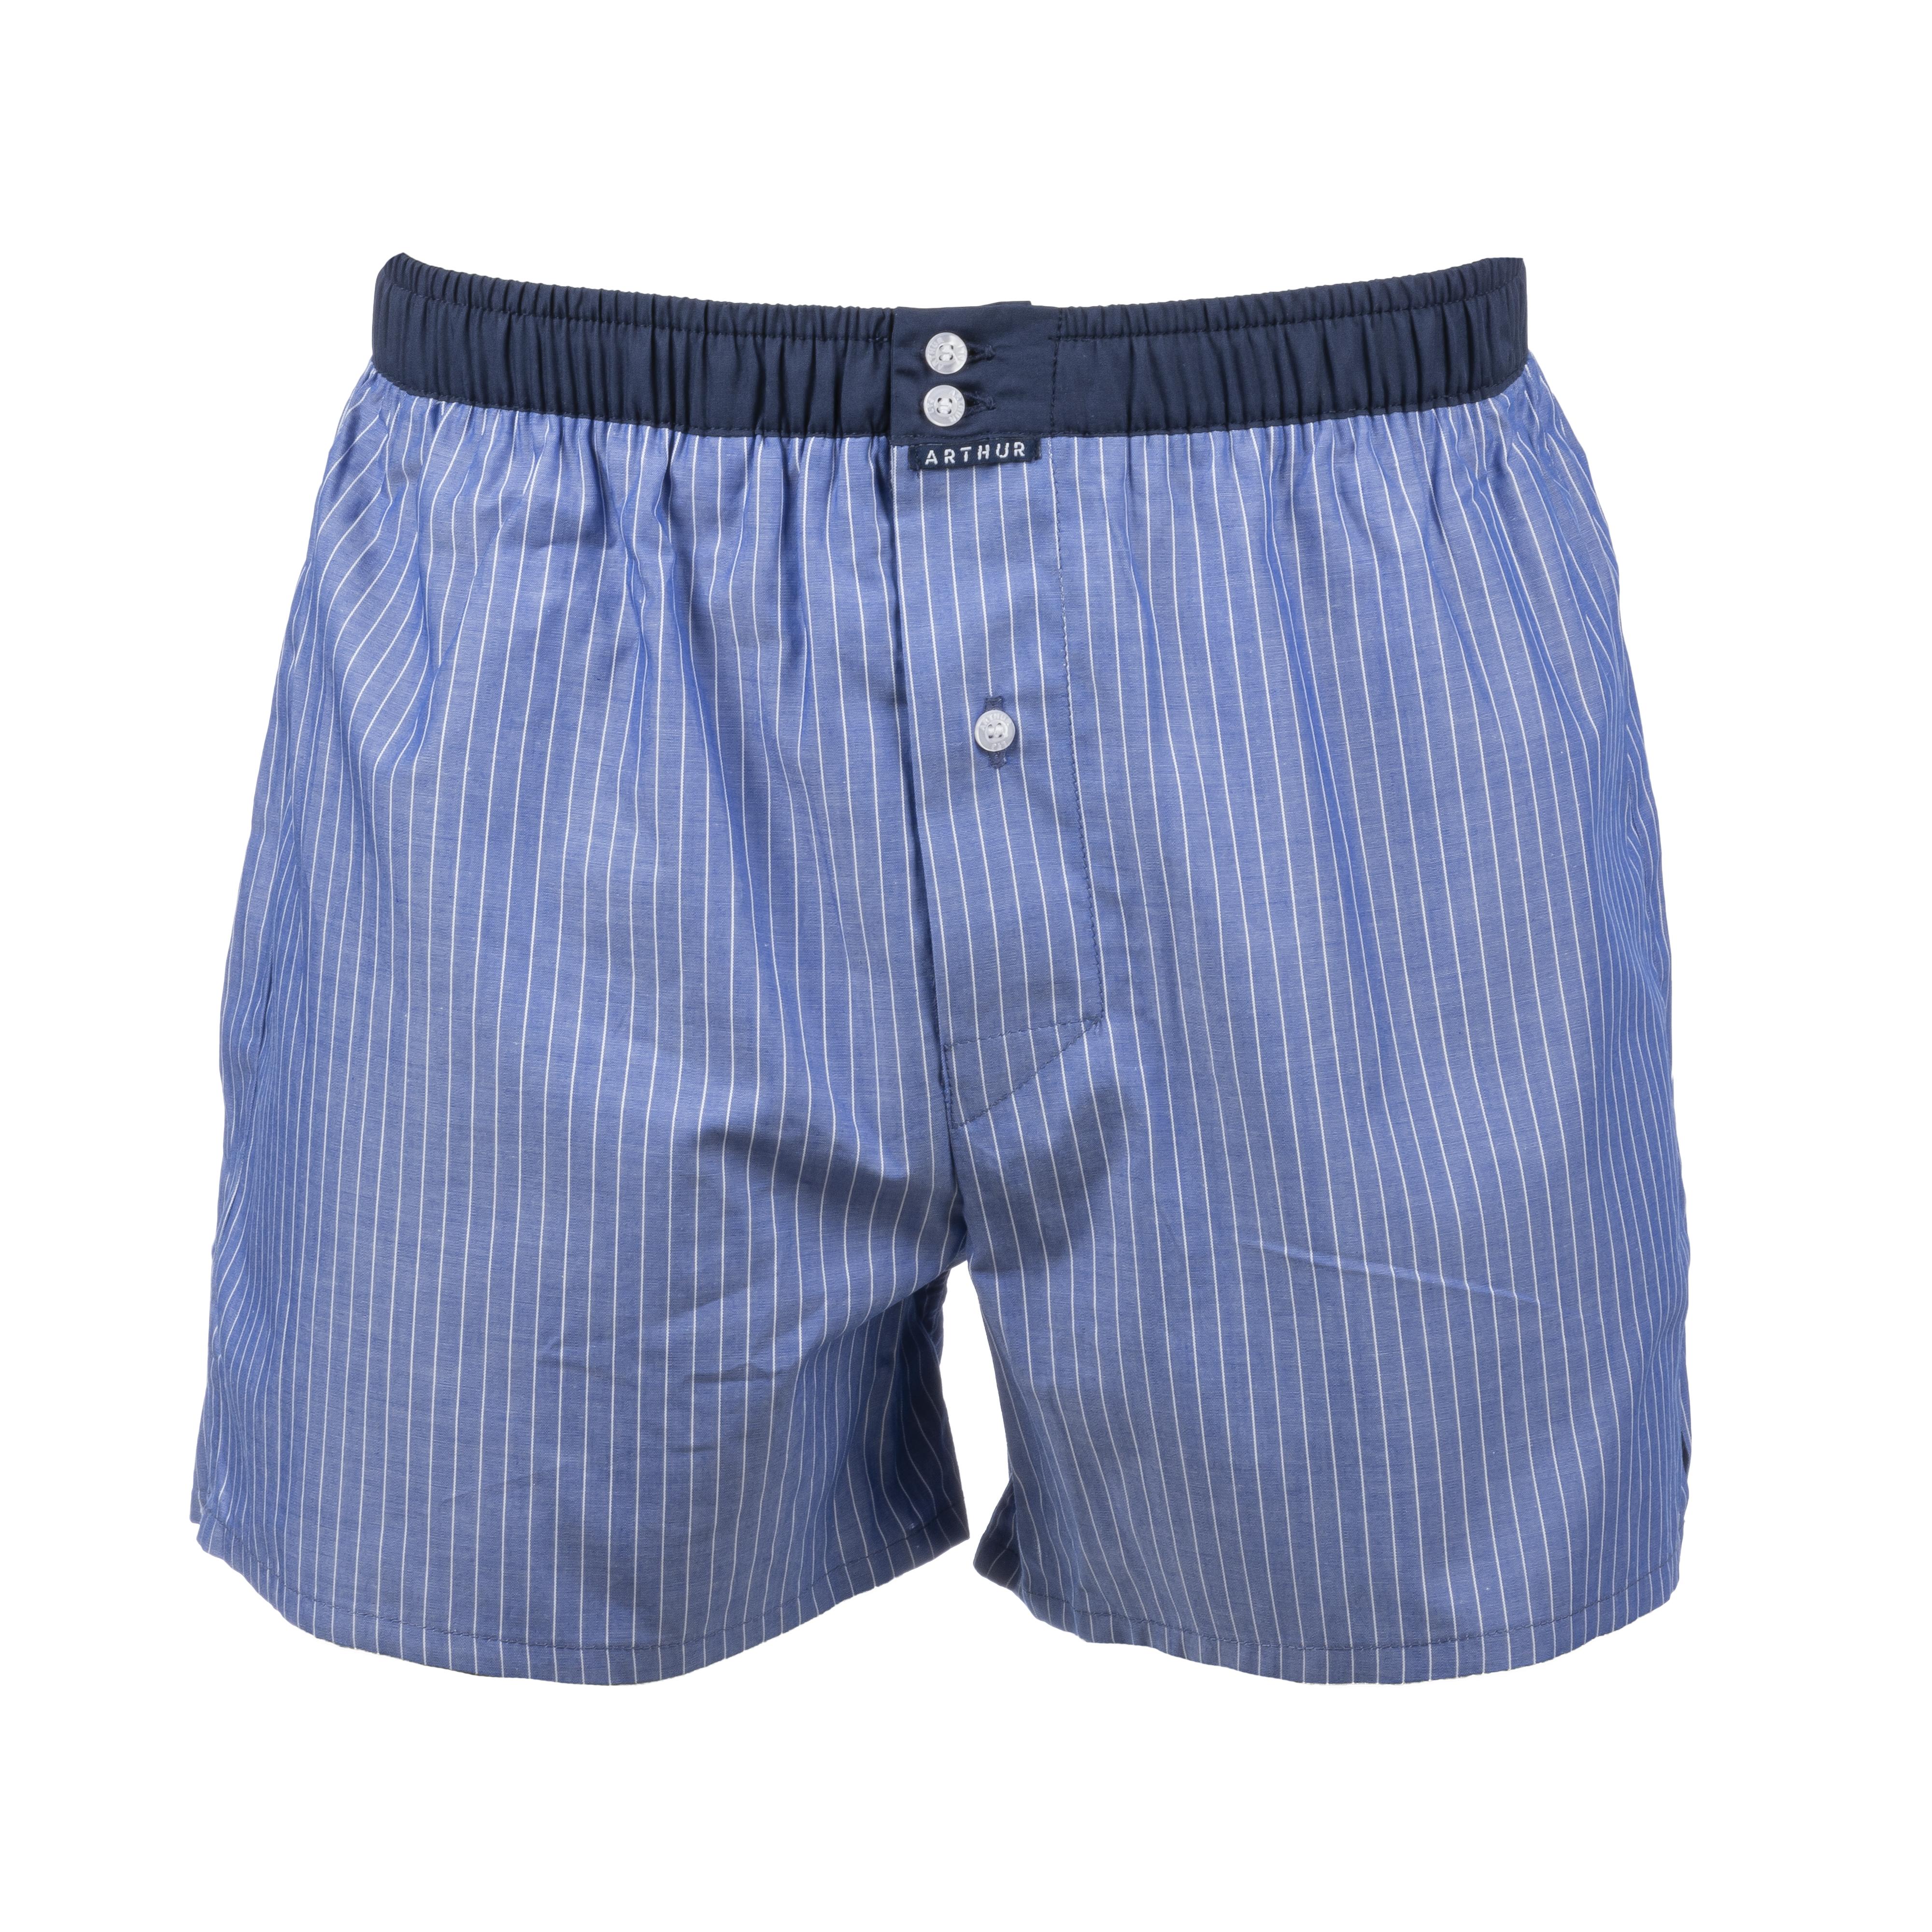 Caleçon  en coton bleu à rayures fines blanches